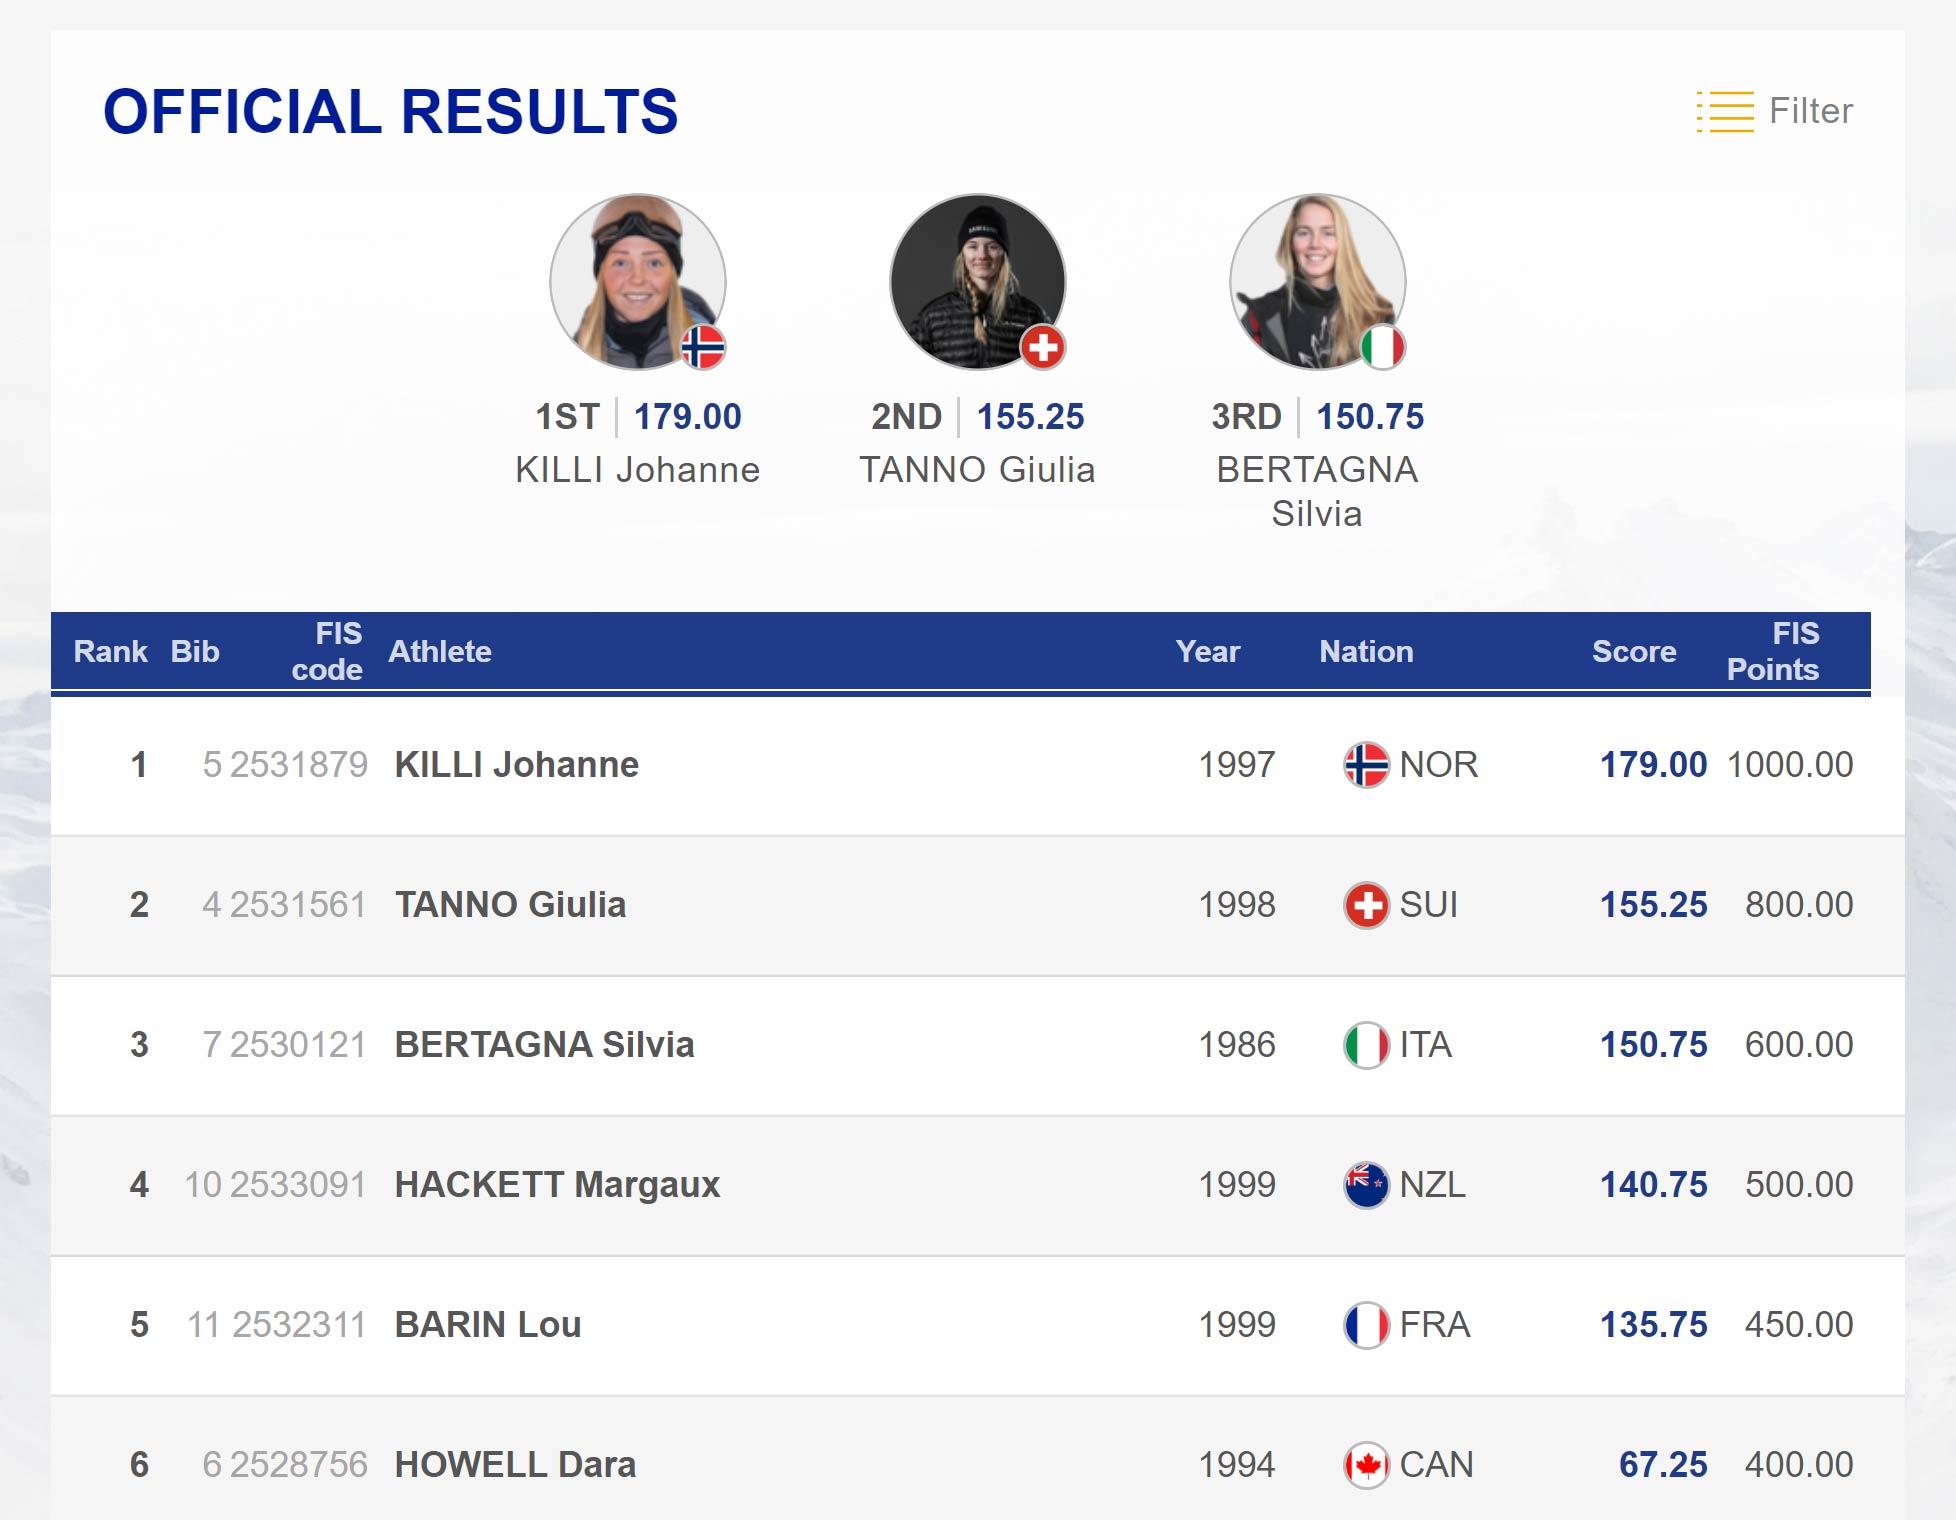 Das Ergebnis aus dem Final der Frauen beim Big Air Weltcup in Beijing (China), 2019.